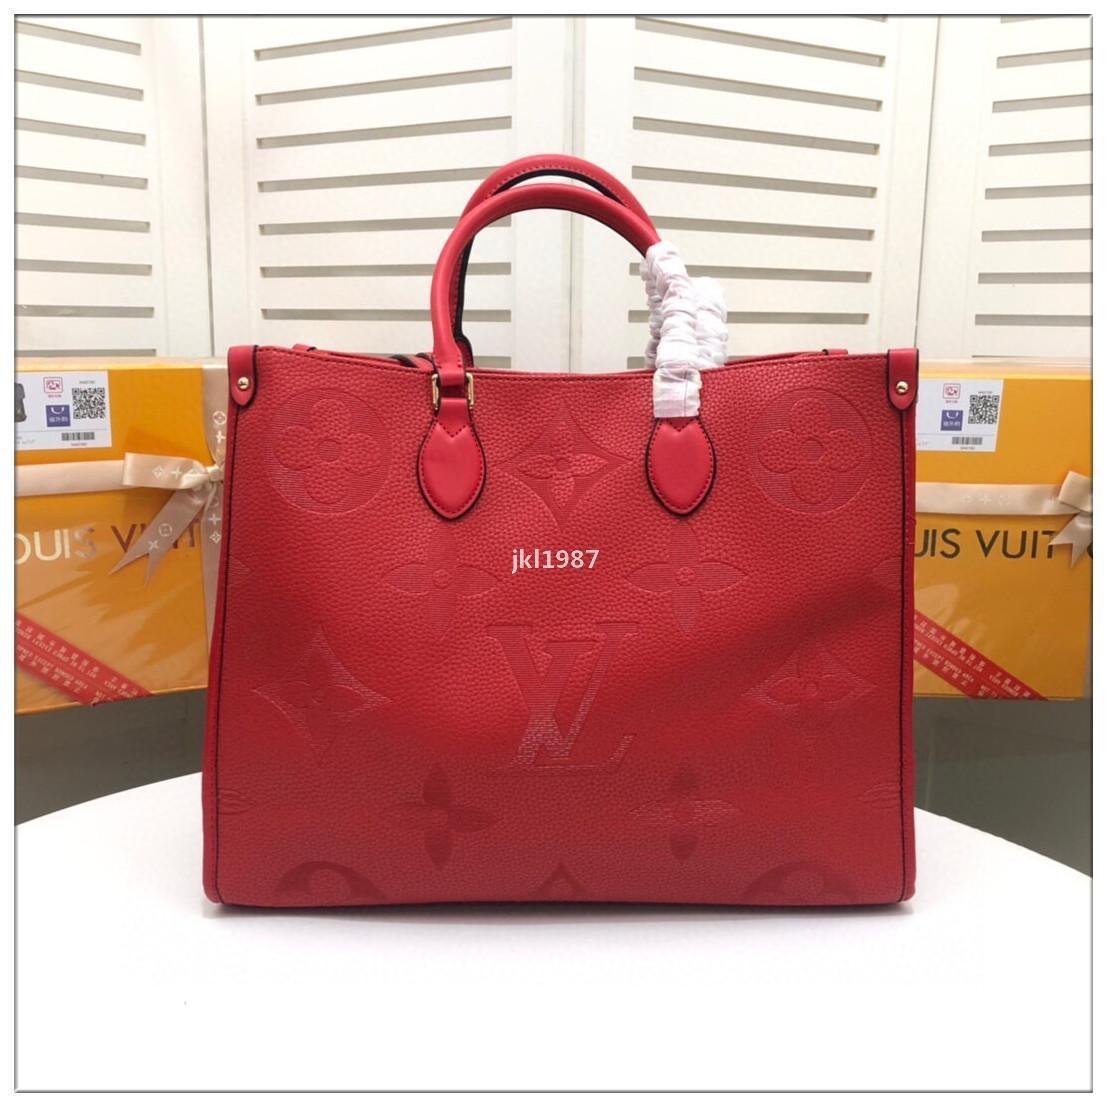 роскошный дизайнер J330 2020 дизайнерская мода тенденция женщины роскошные сумки леди натуральная кожа сумки бренд сумки кошелек плечо сумка женская